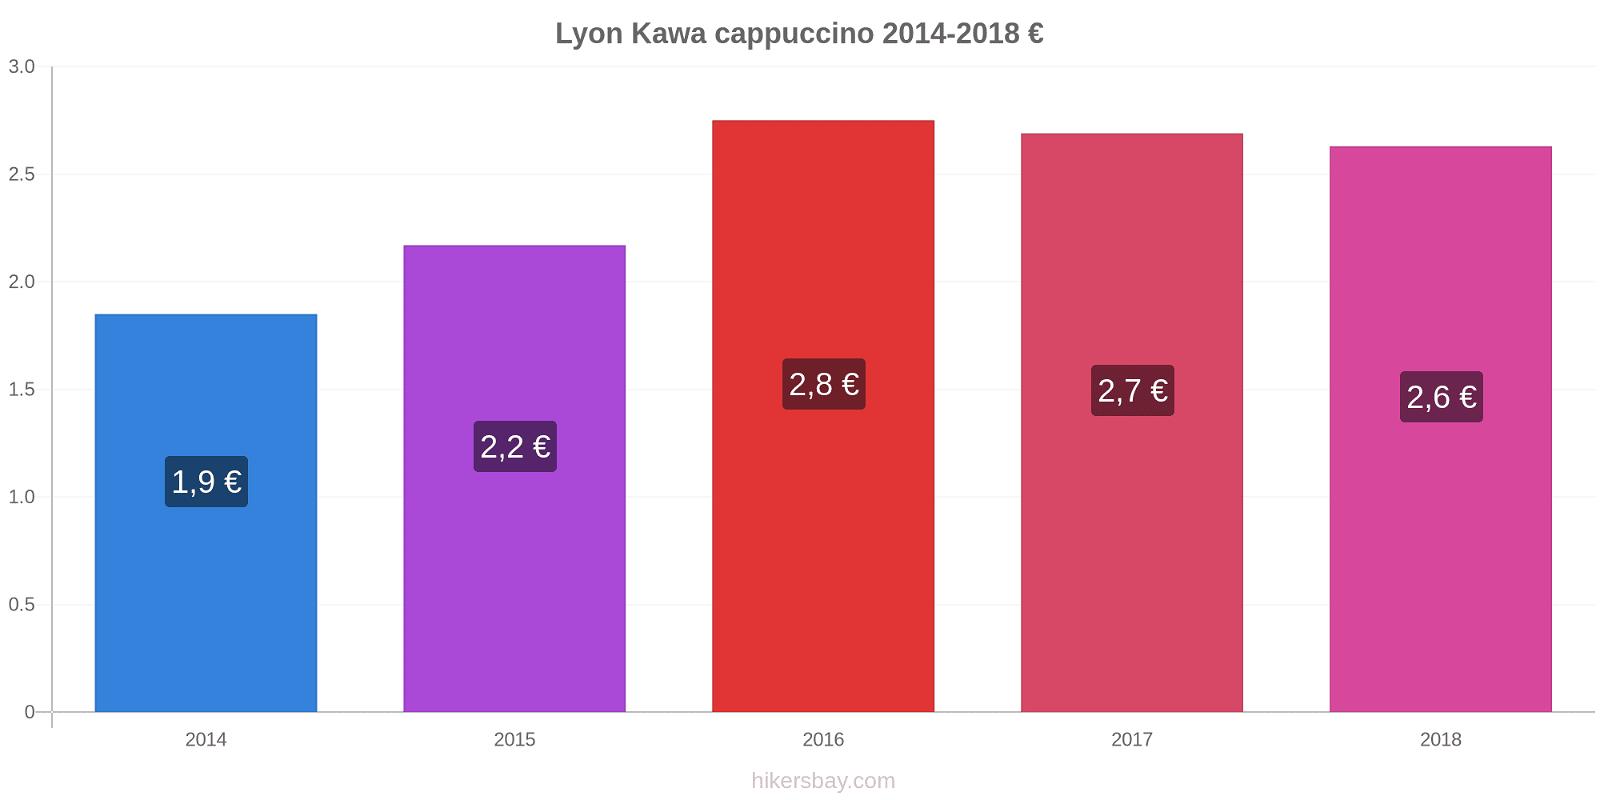 Lyon zmiany cen Kawa cappuccino hikersbay.com